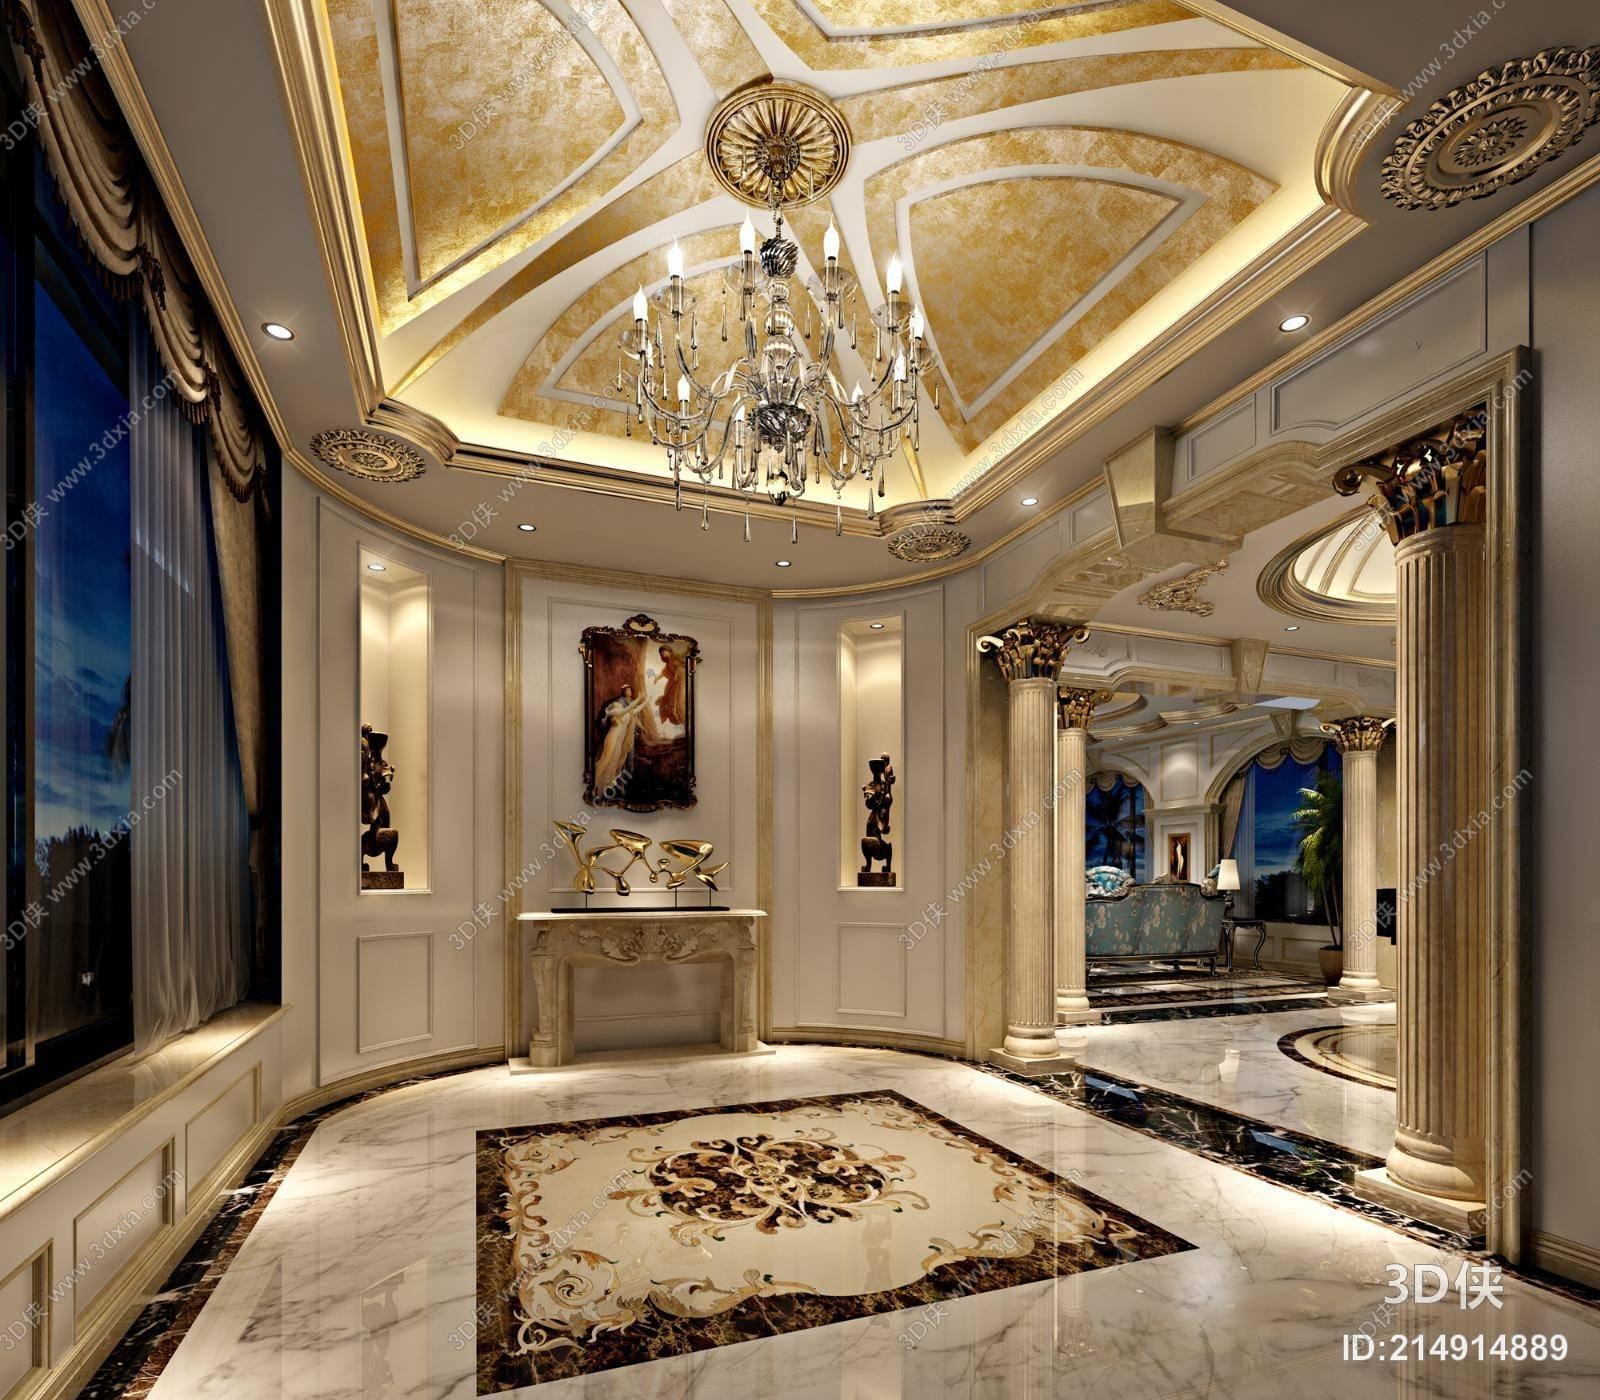 法式别墅玄关 经典欧式银艺吊灯 米色大理石壁炉 铜艺装饰欧式油画图片